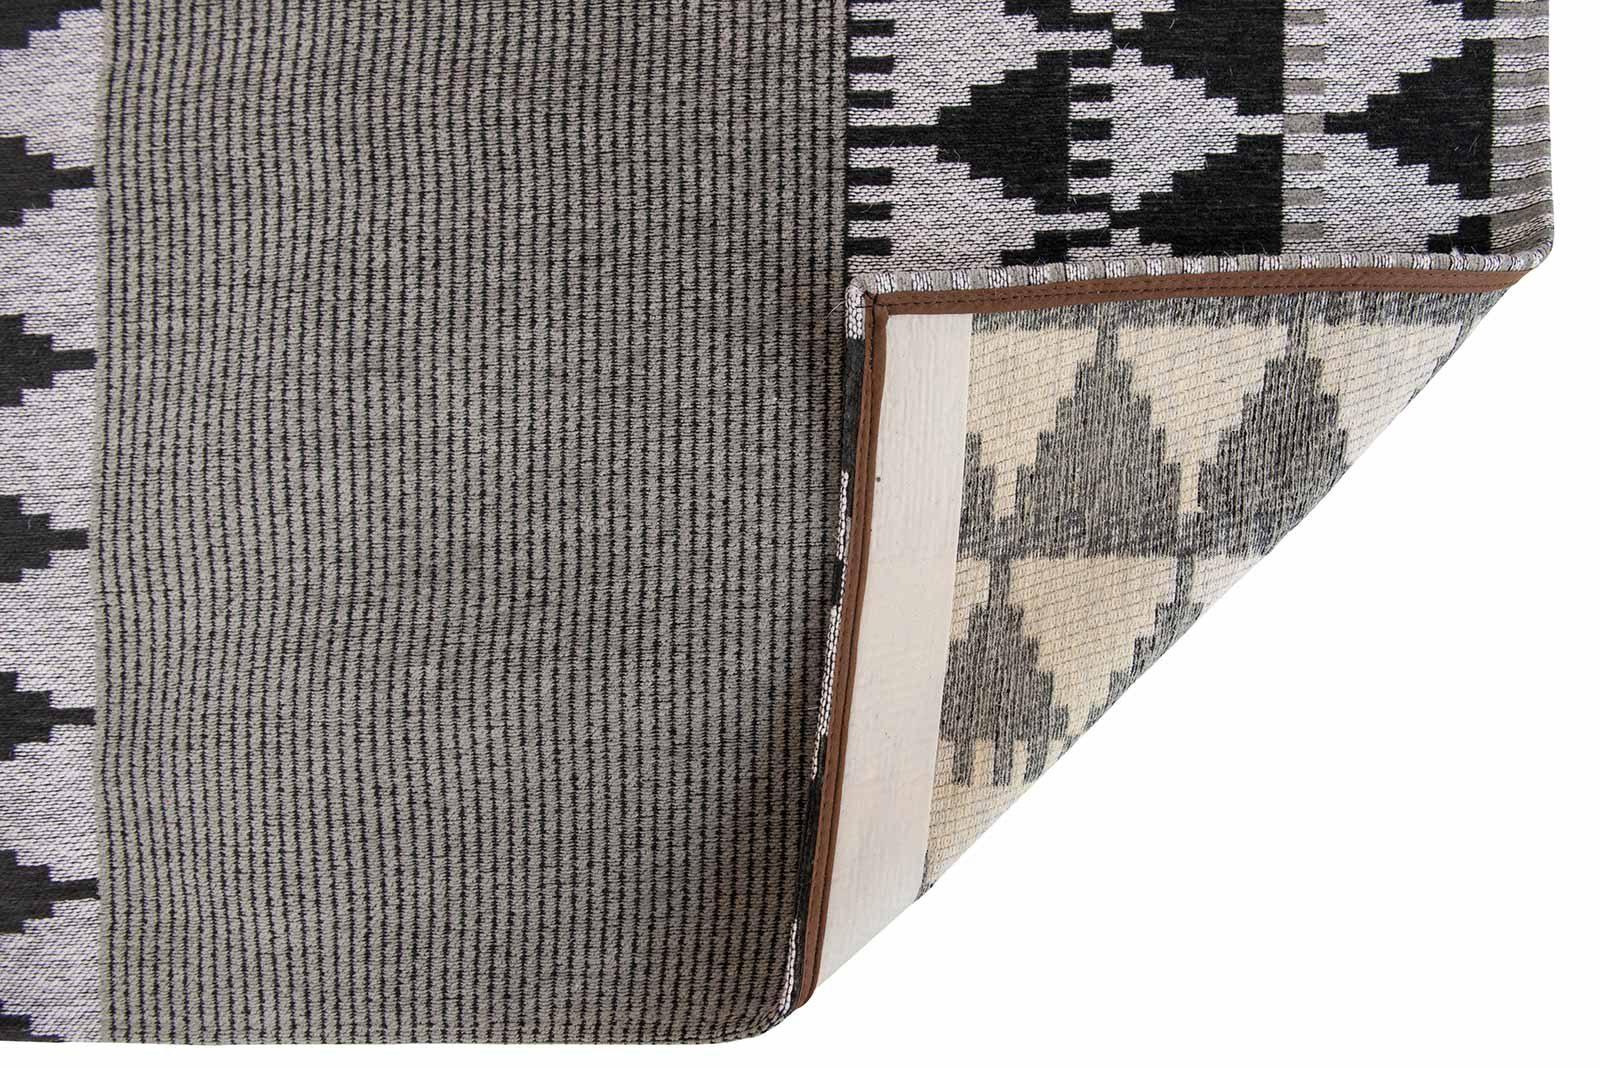 Louis De Poortere alfombras Villa Nova LX 8764 Tobi Onyx back